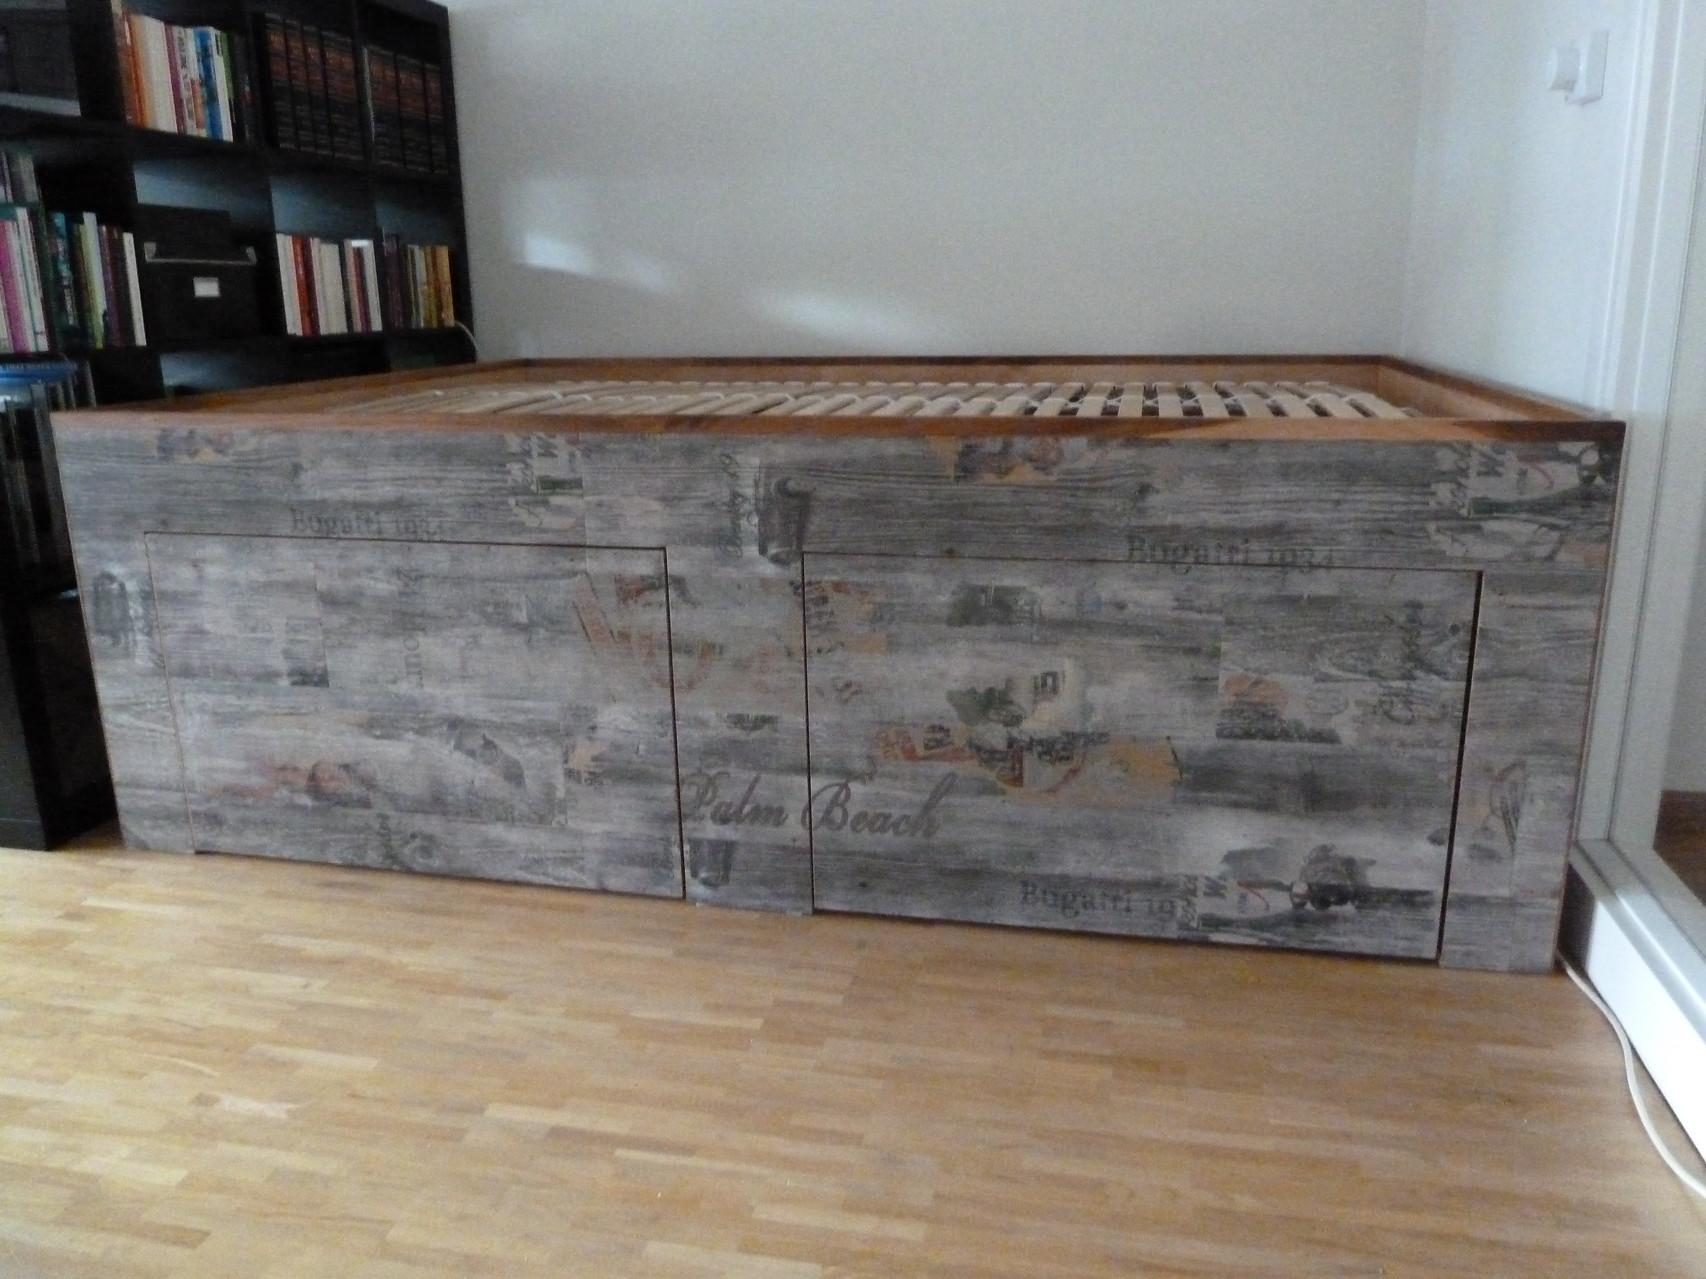 Podestbett,Rahmen mit Vinyl-Design Planken, Miami-Beach Style belegt